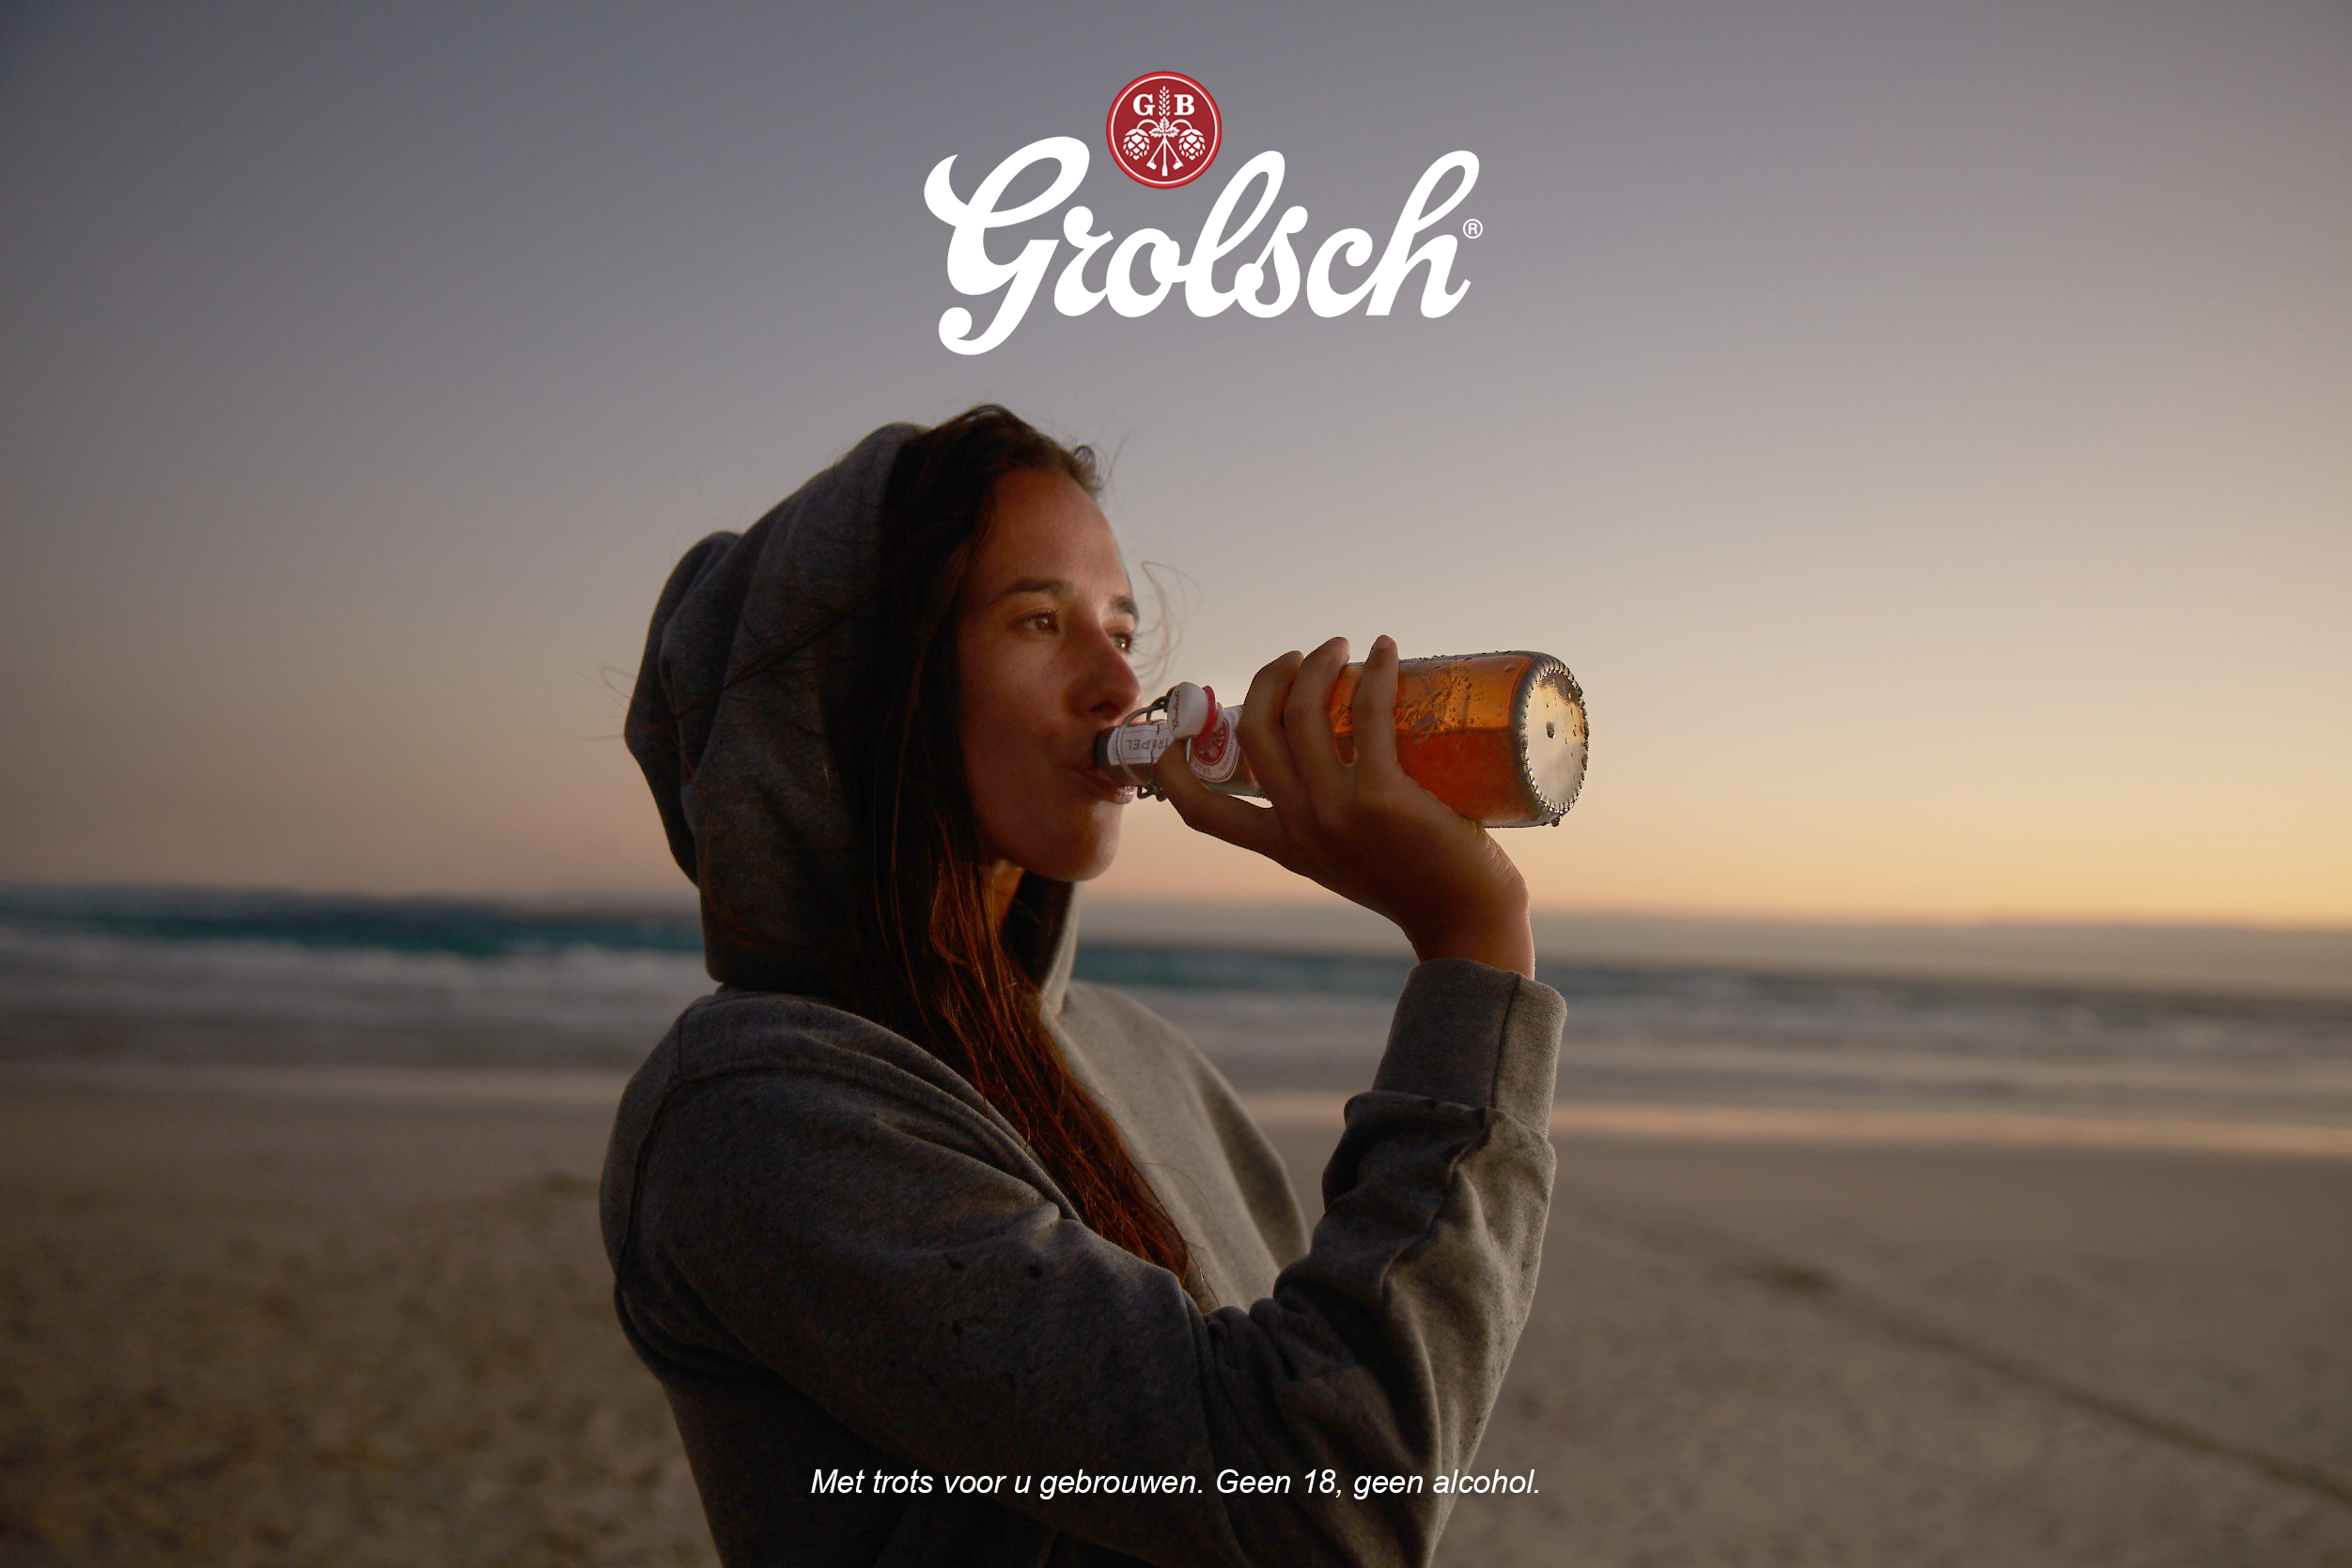 Vier seizoenen speciaalbier van Grolsch